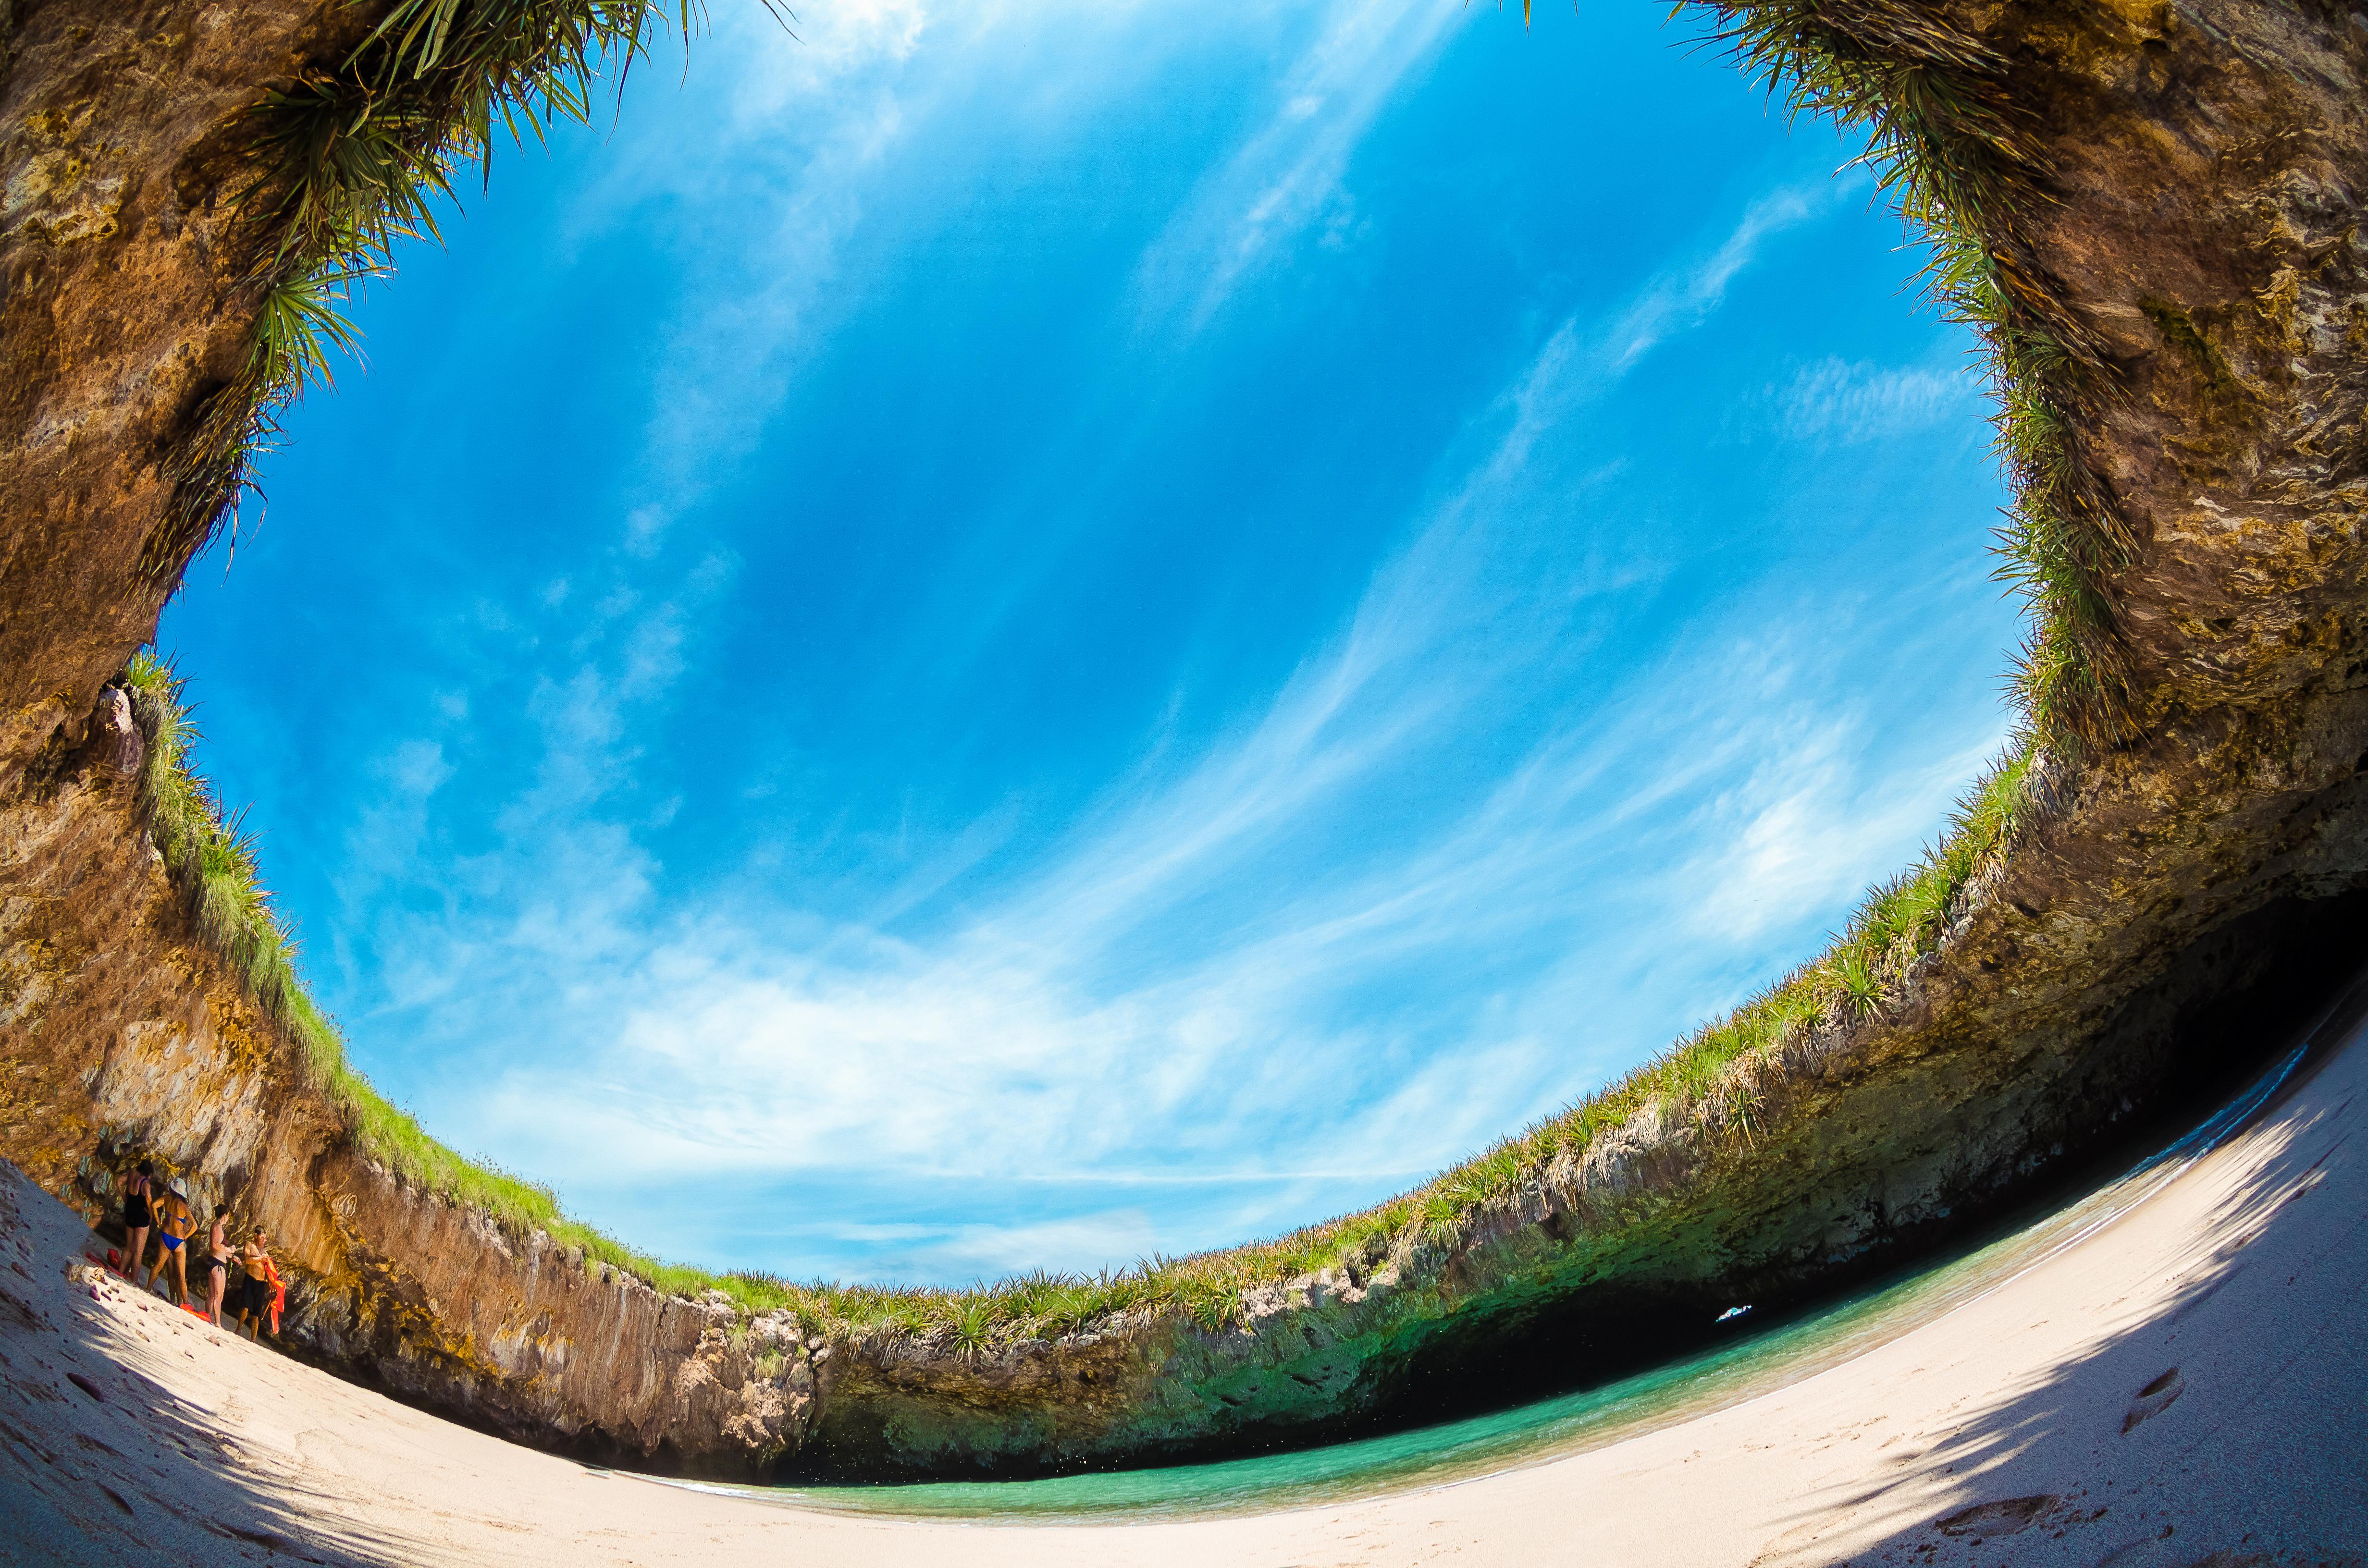 Sin duda es una de las playas más interesantes del mundo. Ubicada a solo 1 hora en barco desde Puerto Vallarta en las Islas Marietas, la única forma de llegar a la arena dorada de Hidden Beach es saltando de un bote y nadando hacia allí o con un kayak a través de un túnel hasta la orilla